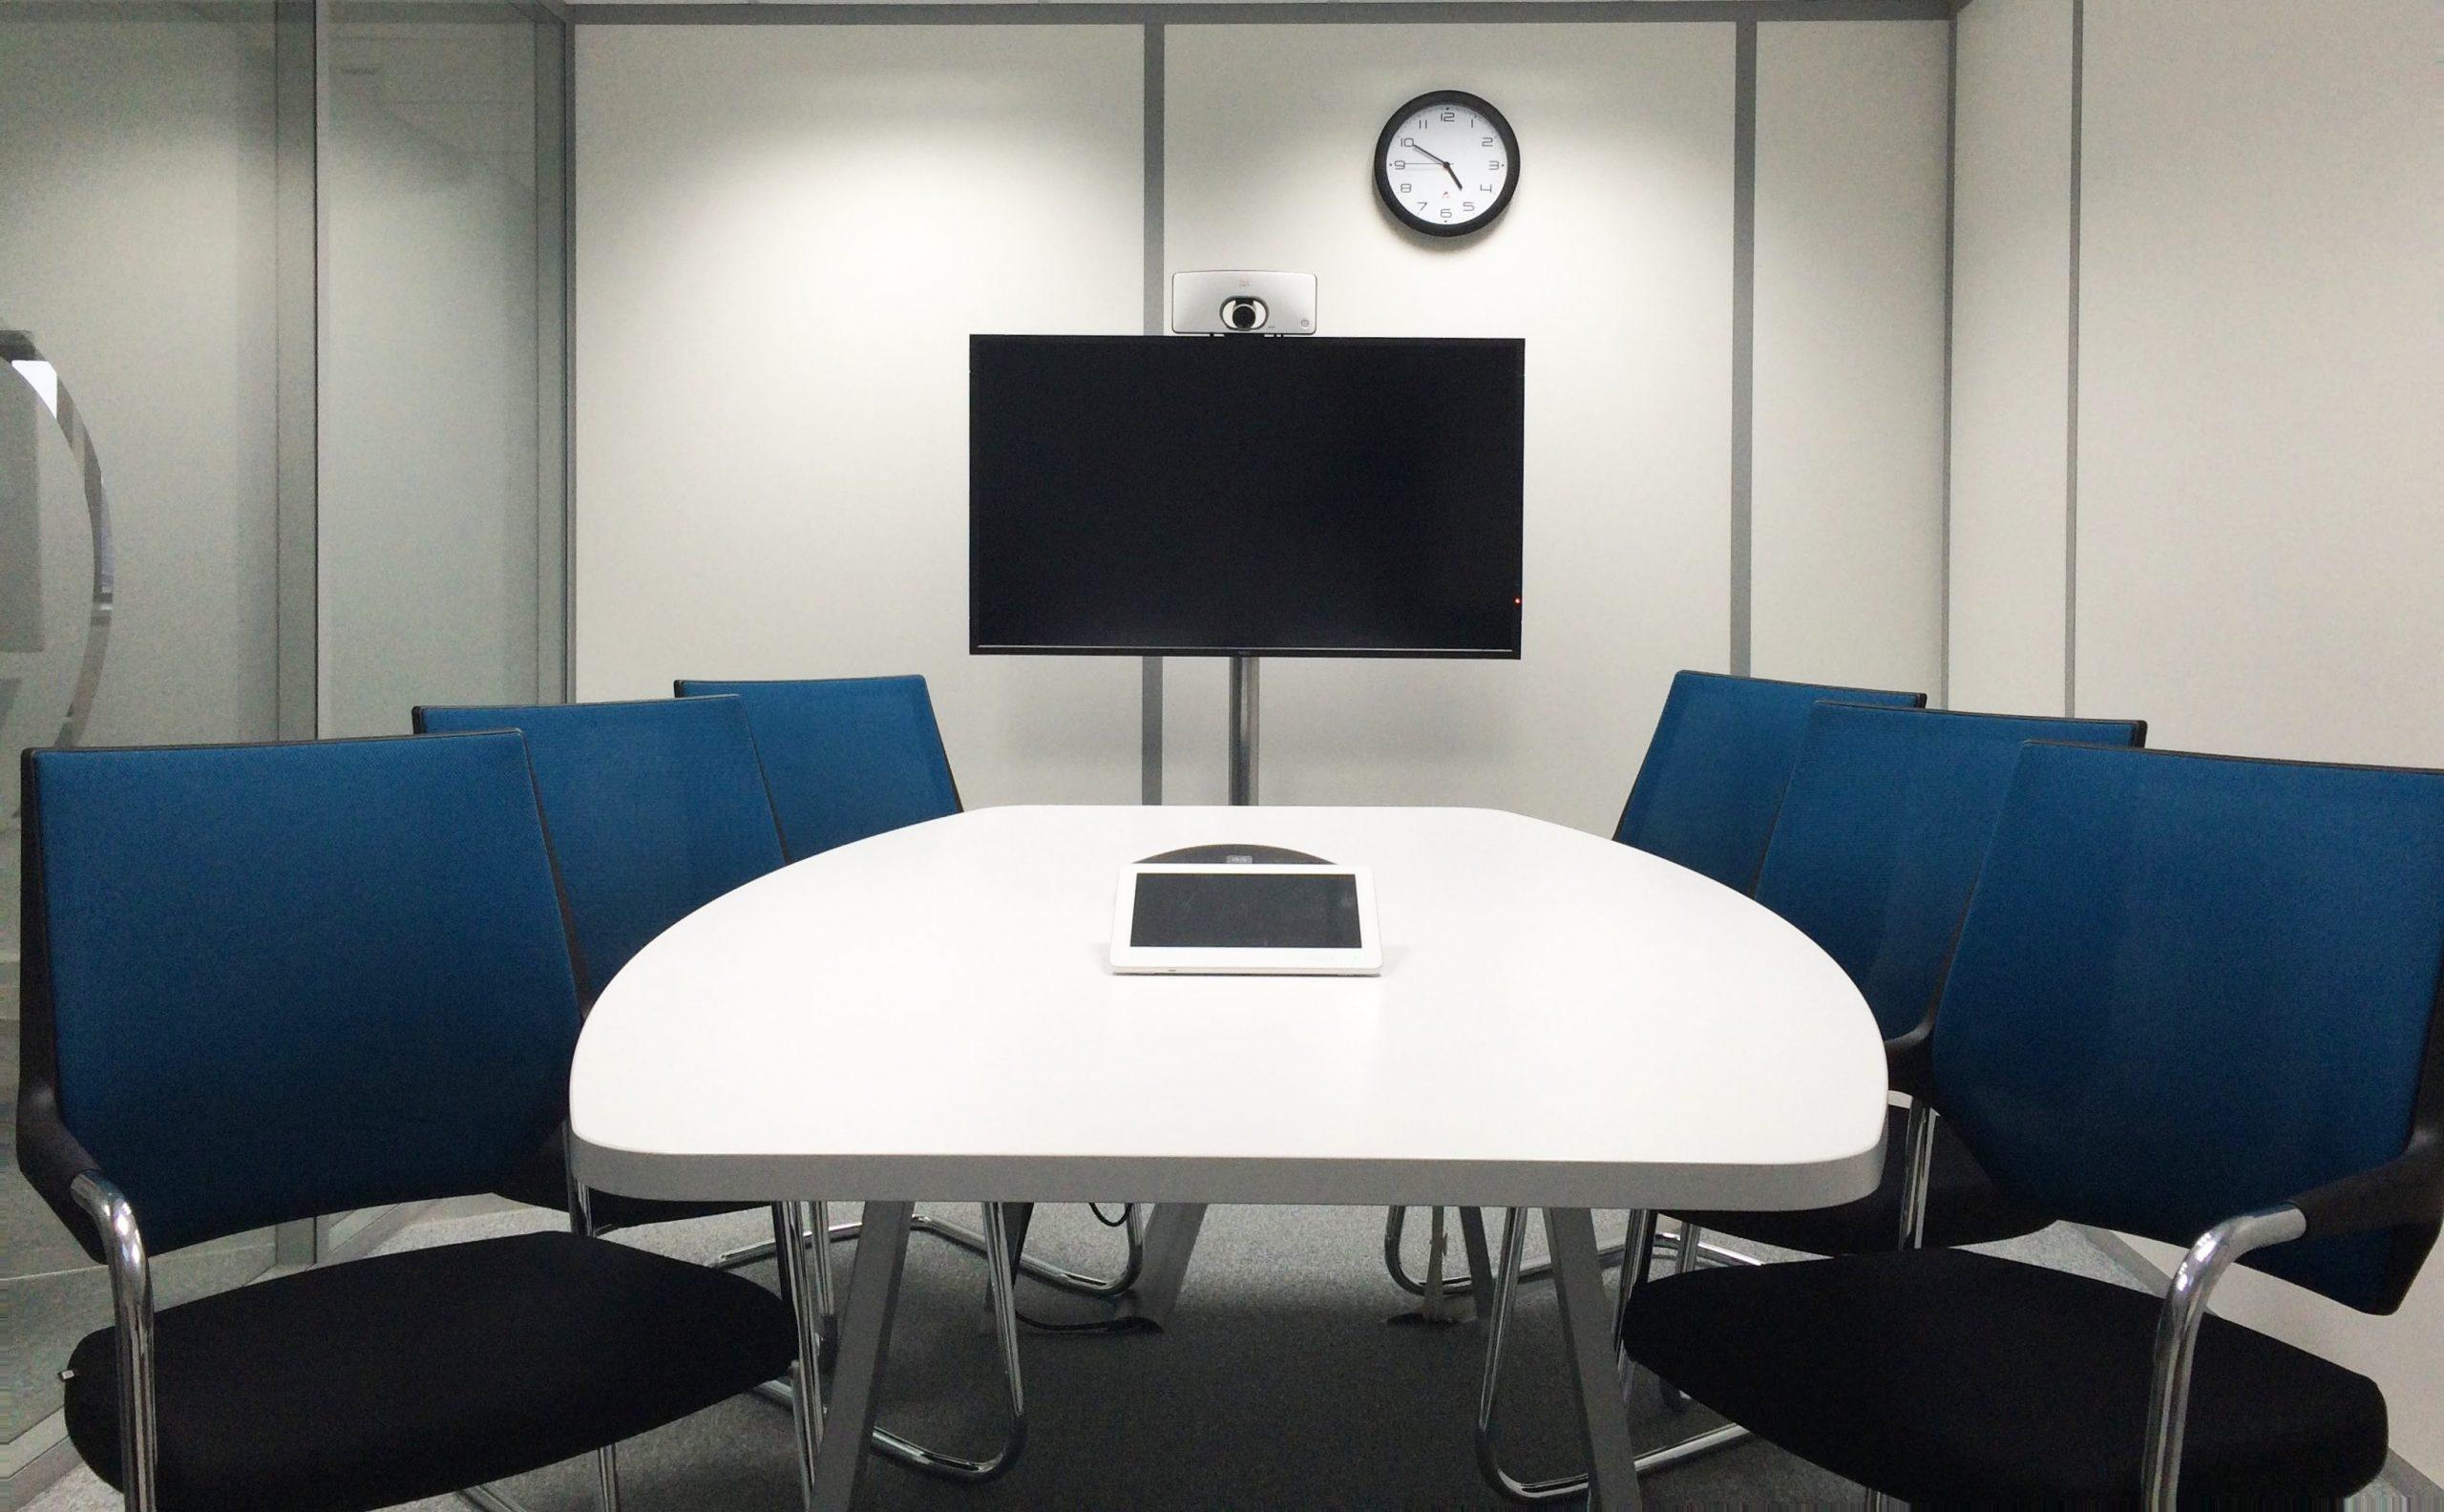 exemple de configuration d'une salle de réunion avec système de visioconférence intégré